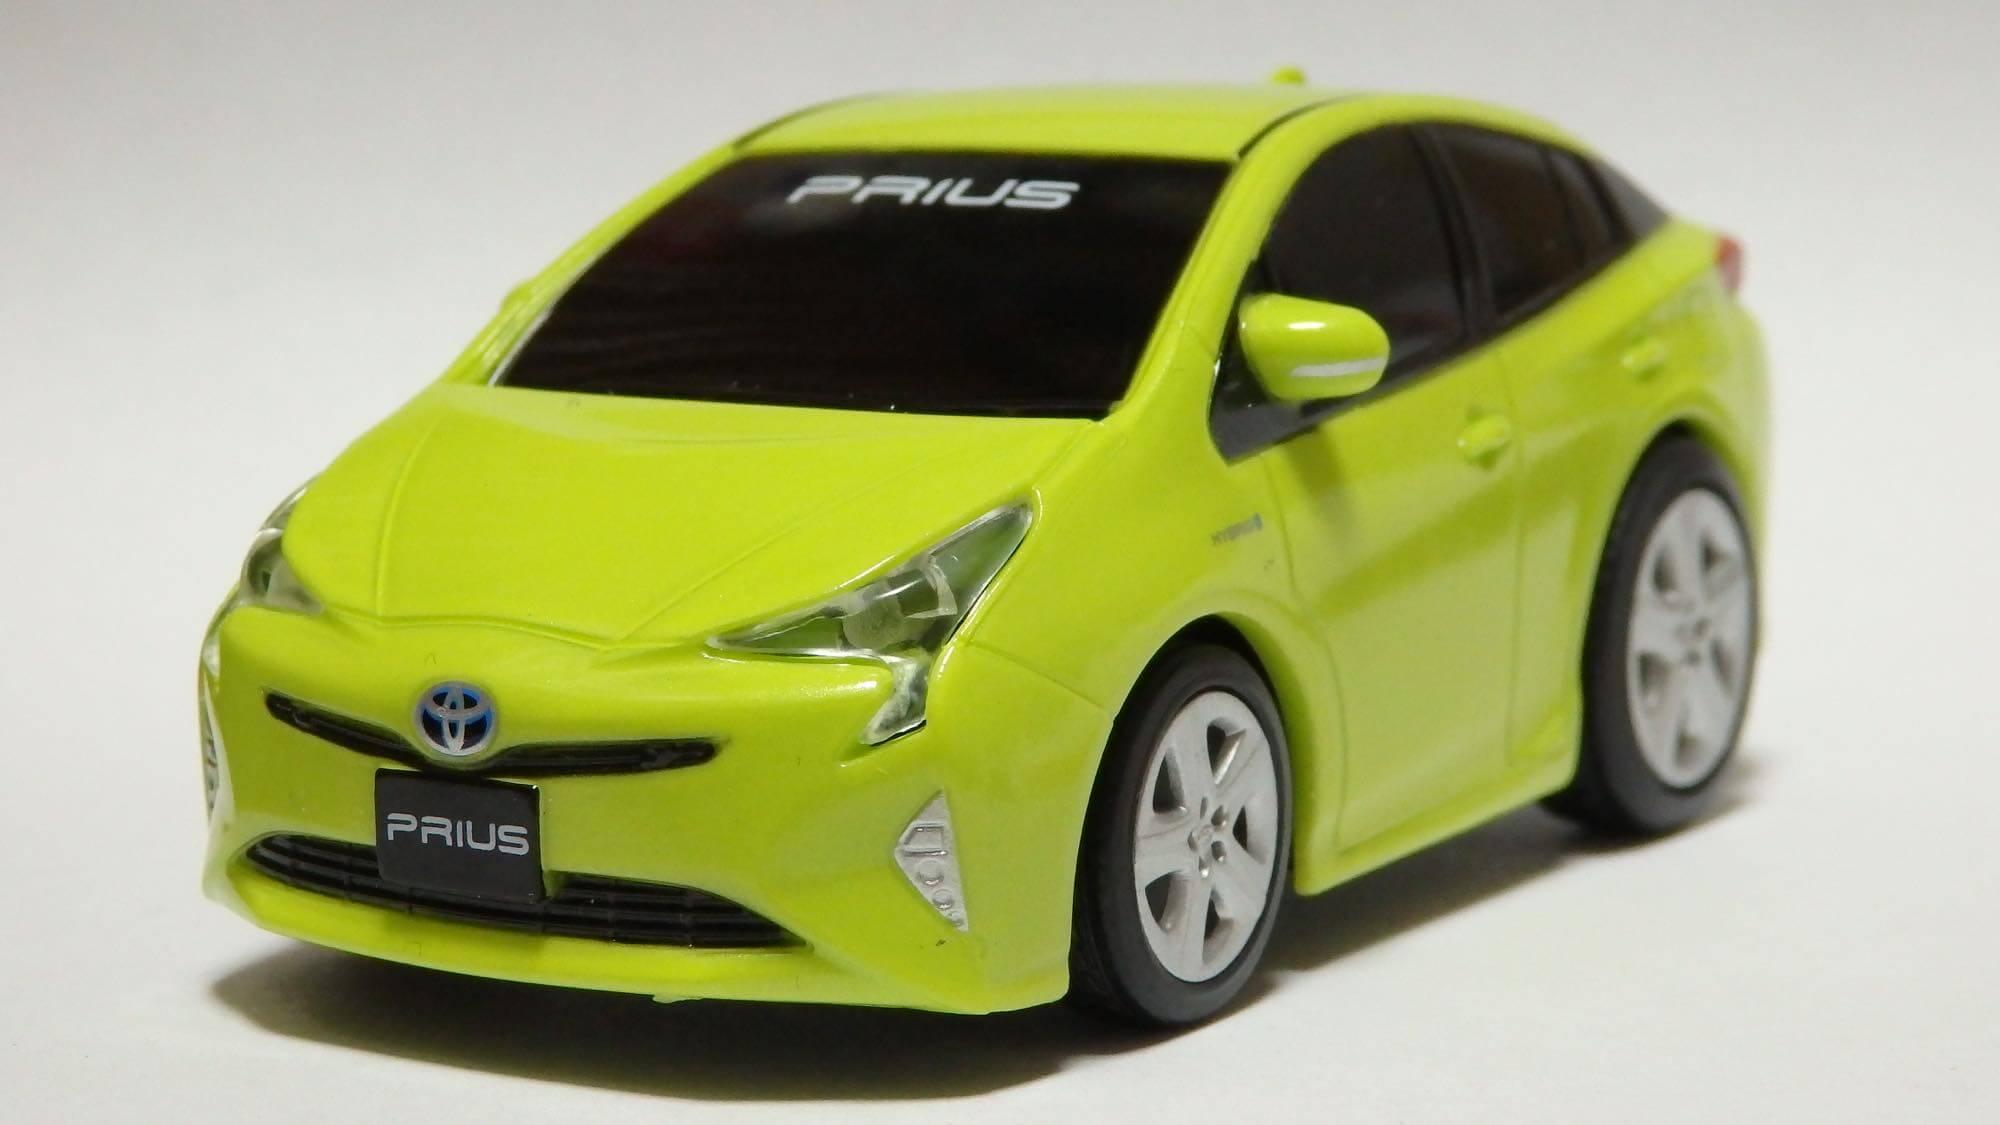 Mini Car model green - japanese proxy service - zenmarket